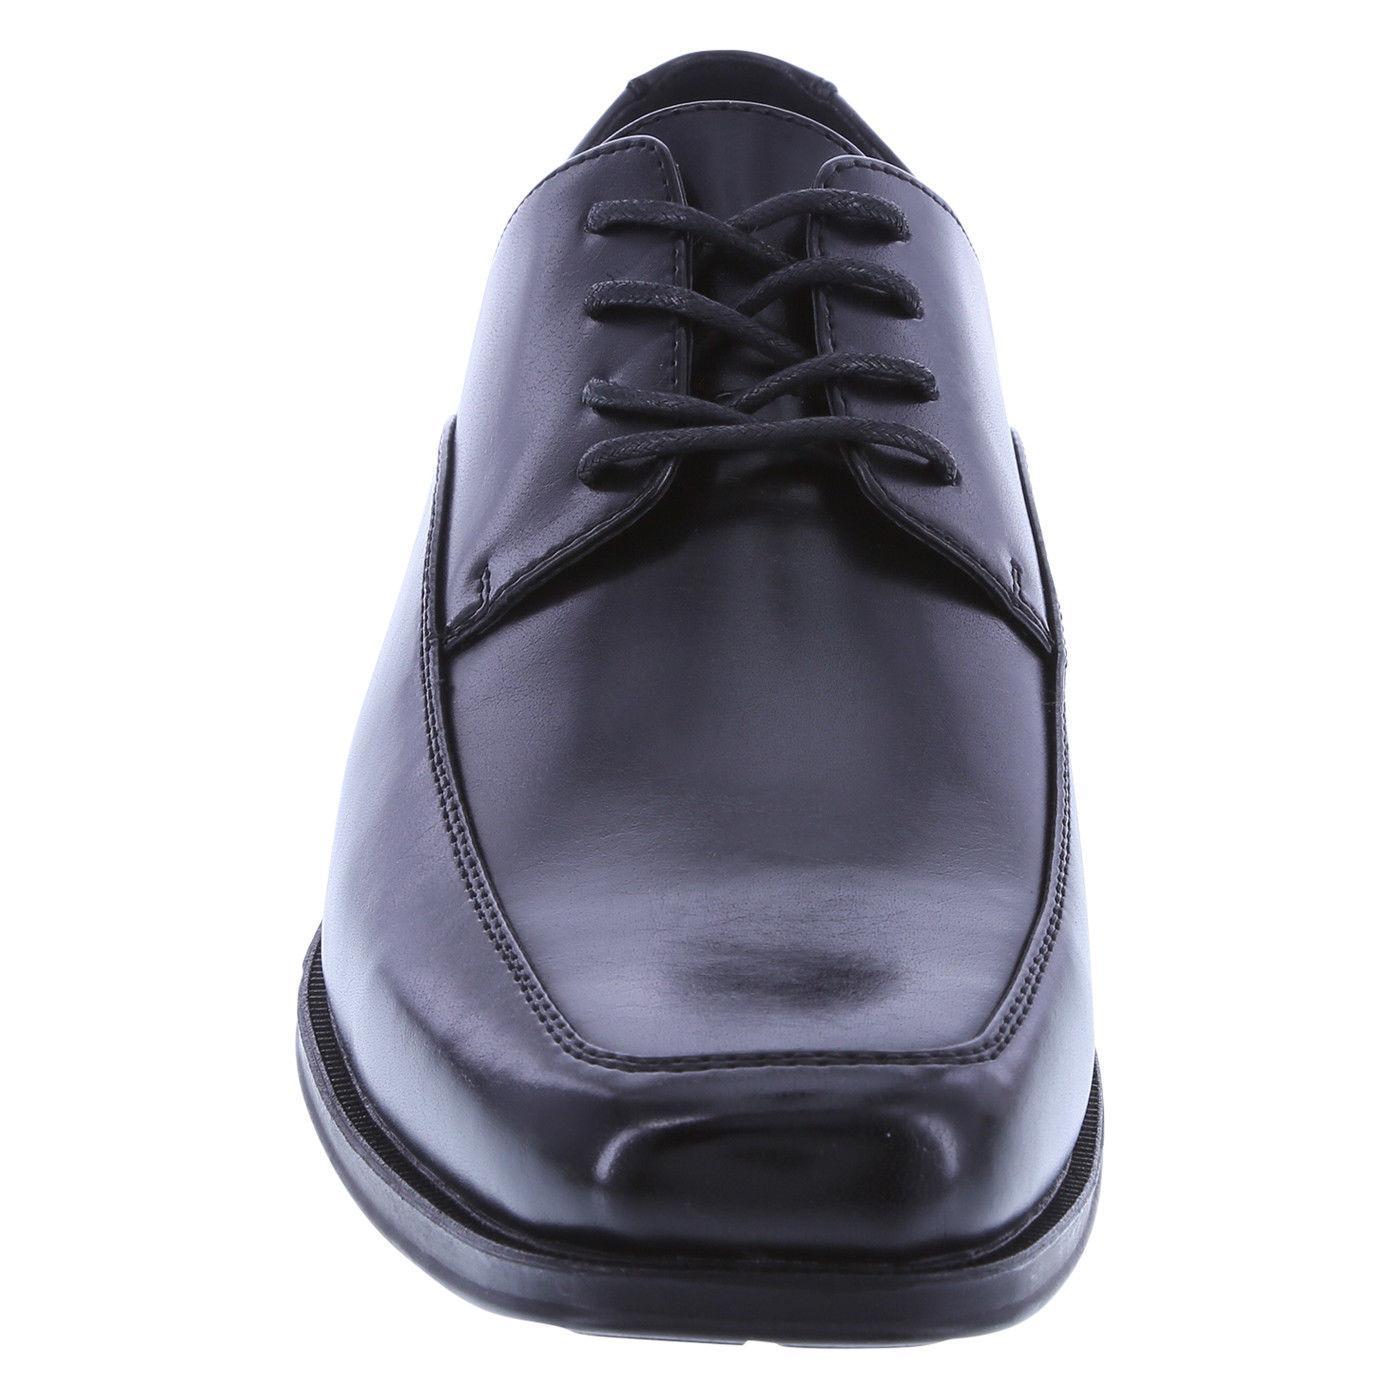 Dexter Men's Crosby Oxford Shoes